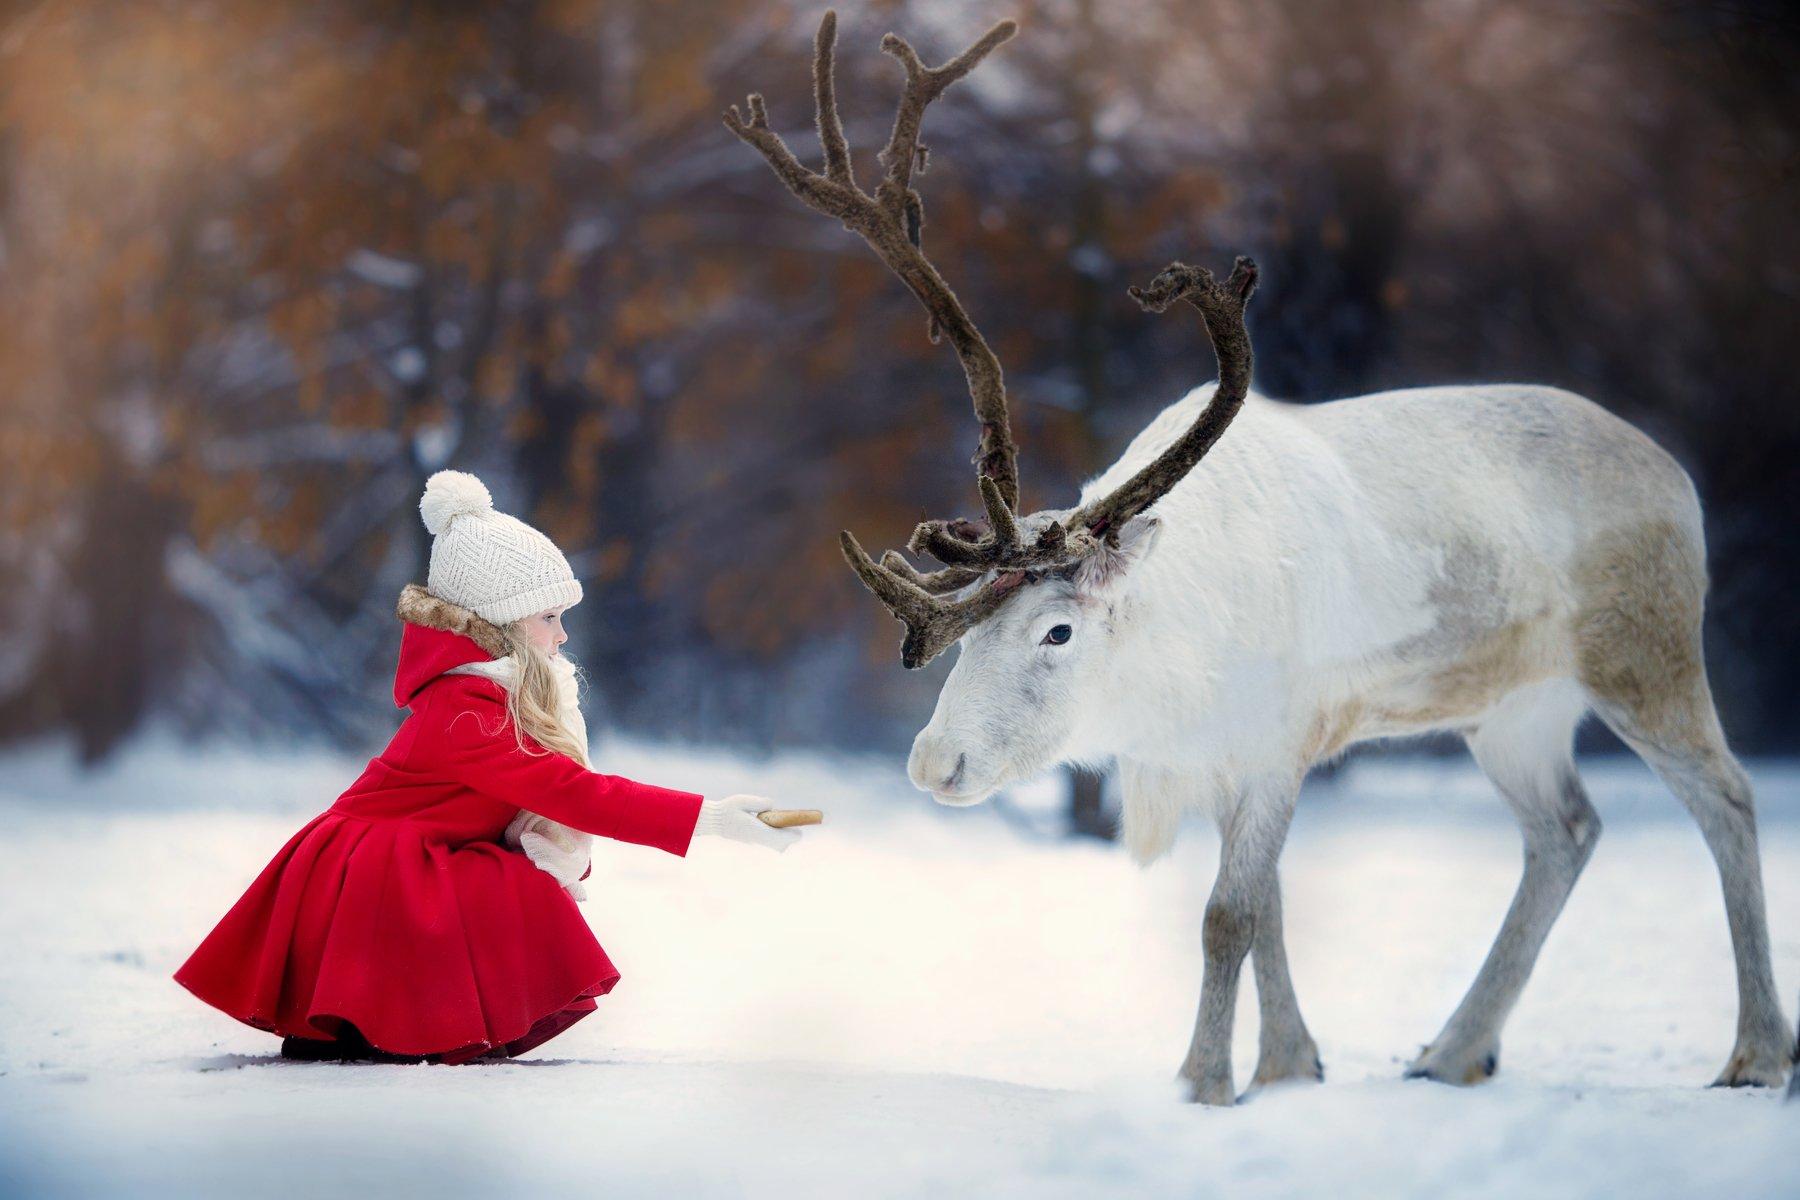 Герда, девочка, северный олень, зима, снег, сказка, Yulia